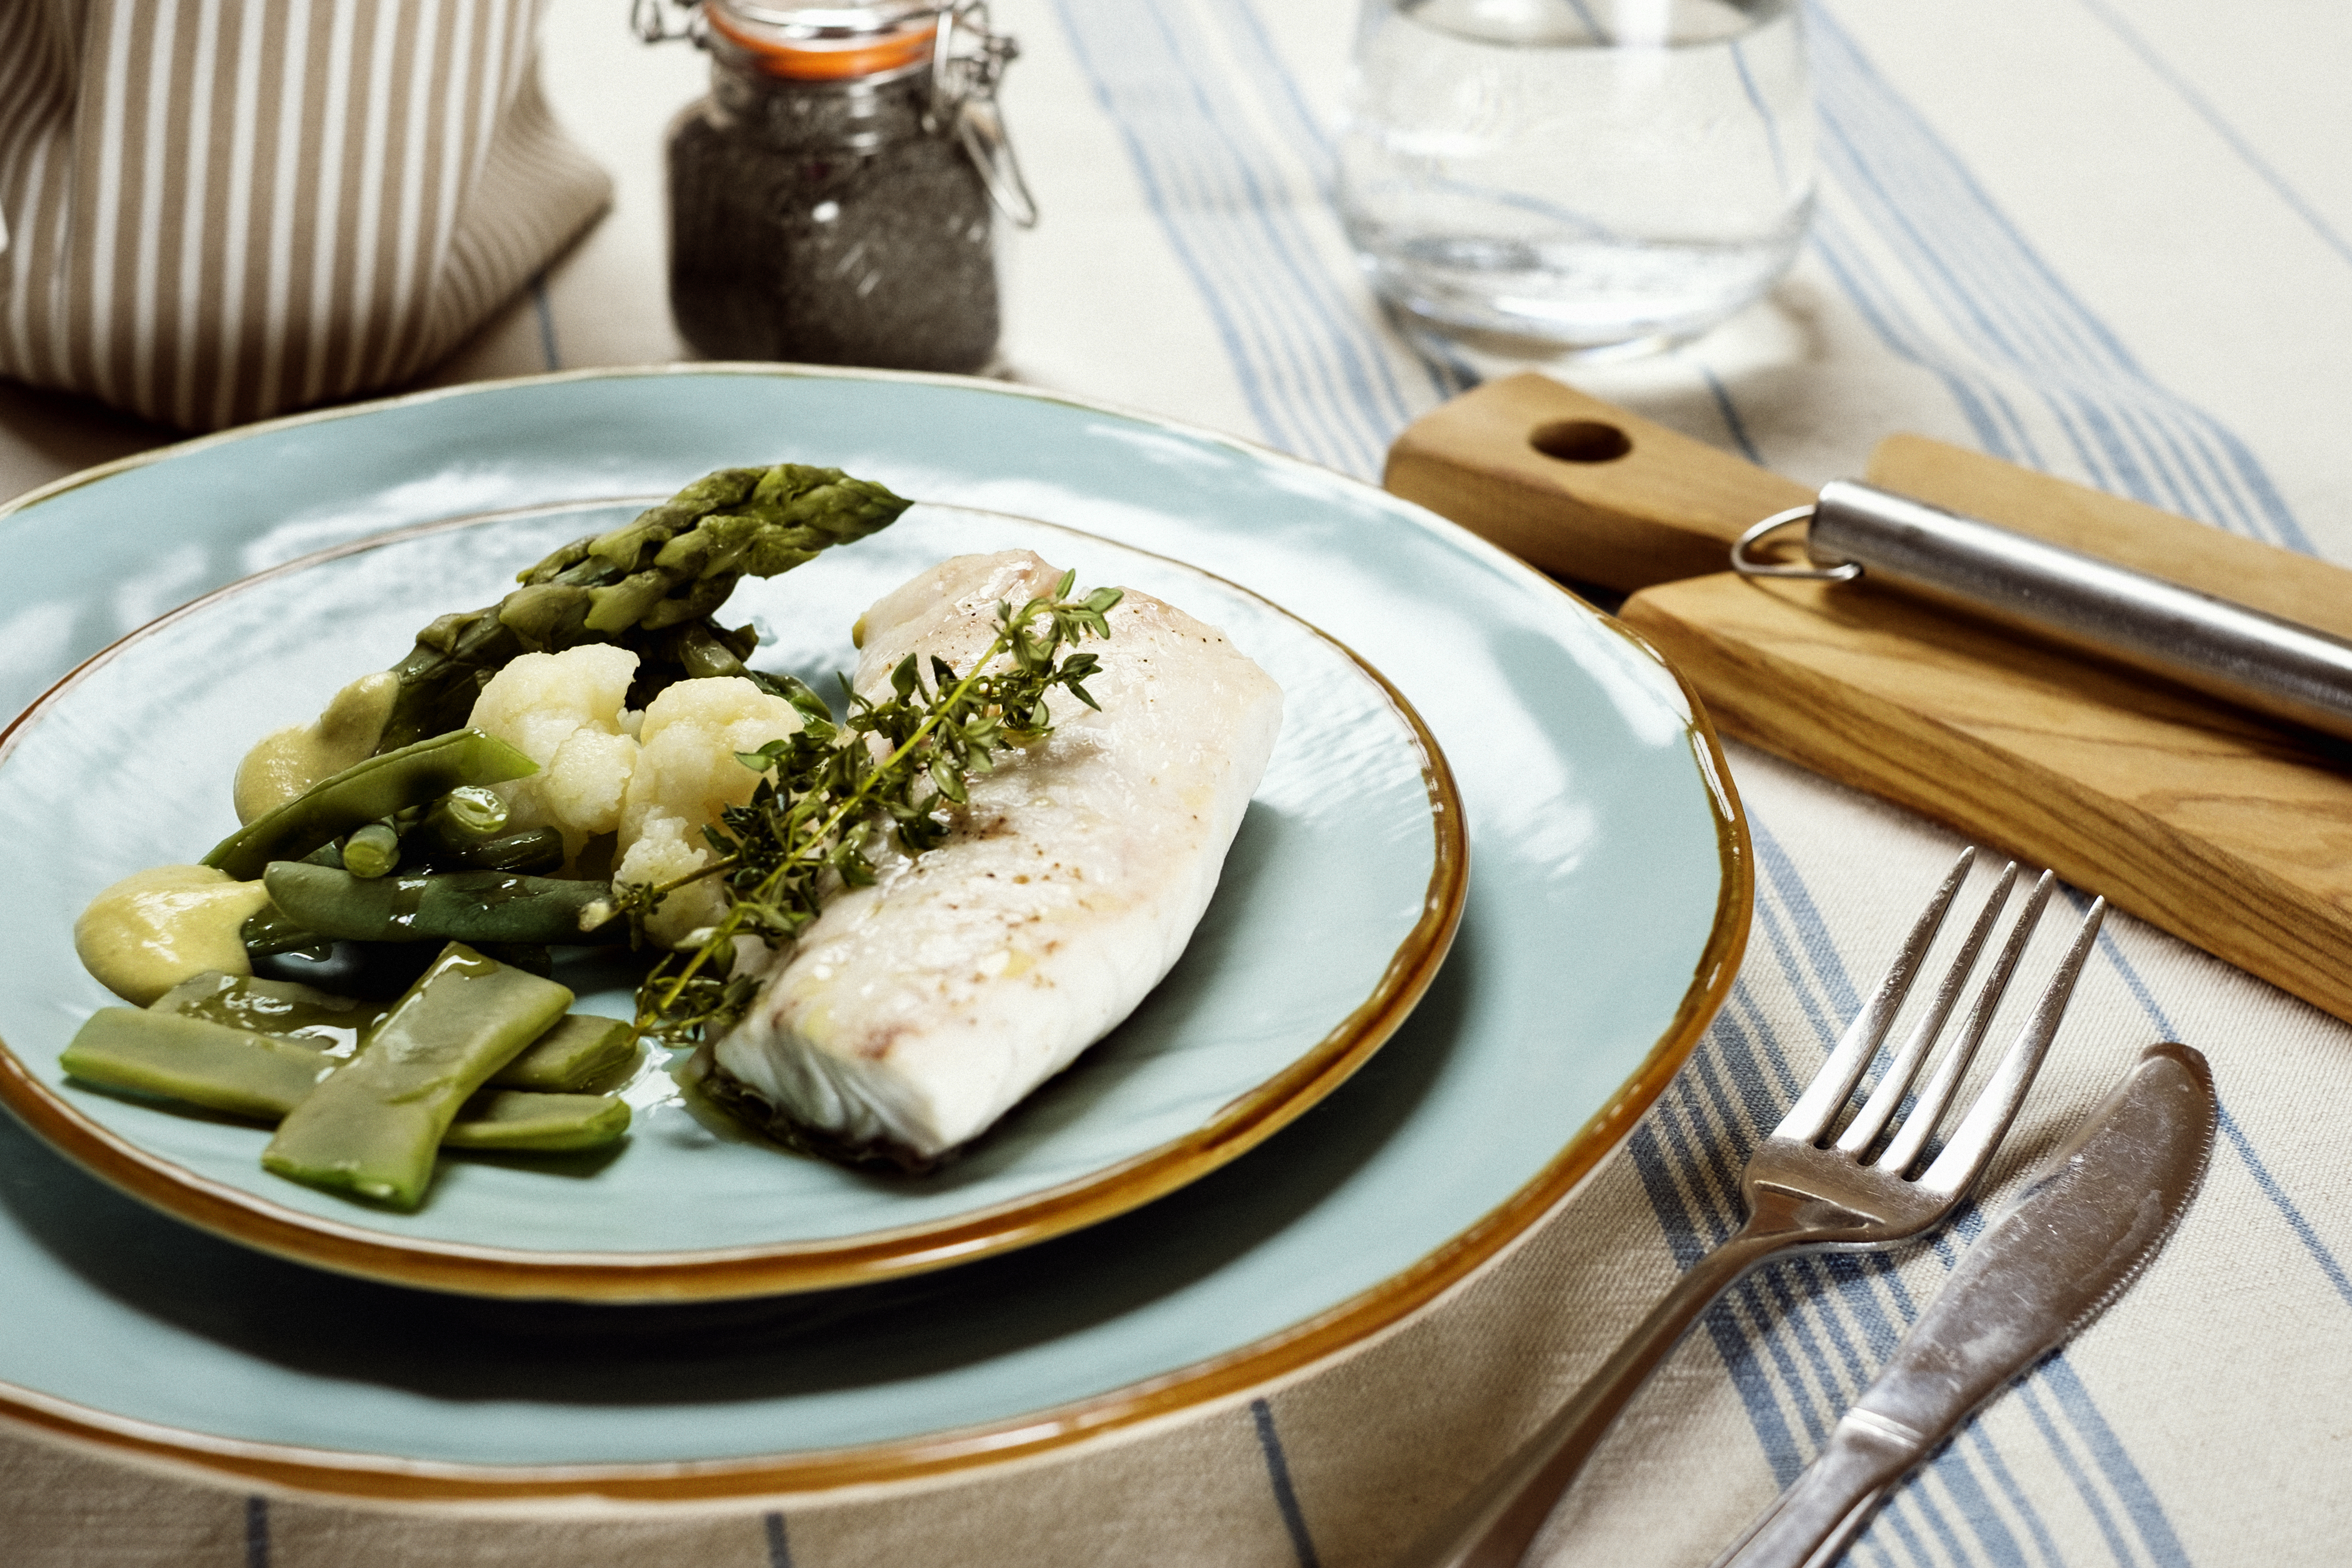 pescato del giorno e verdure al vapore | cucina con bertazzoni - Cucina Vapore